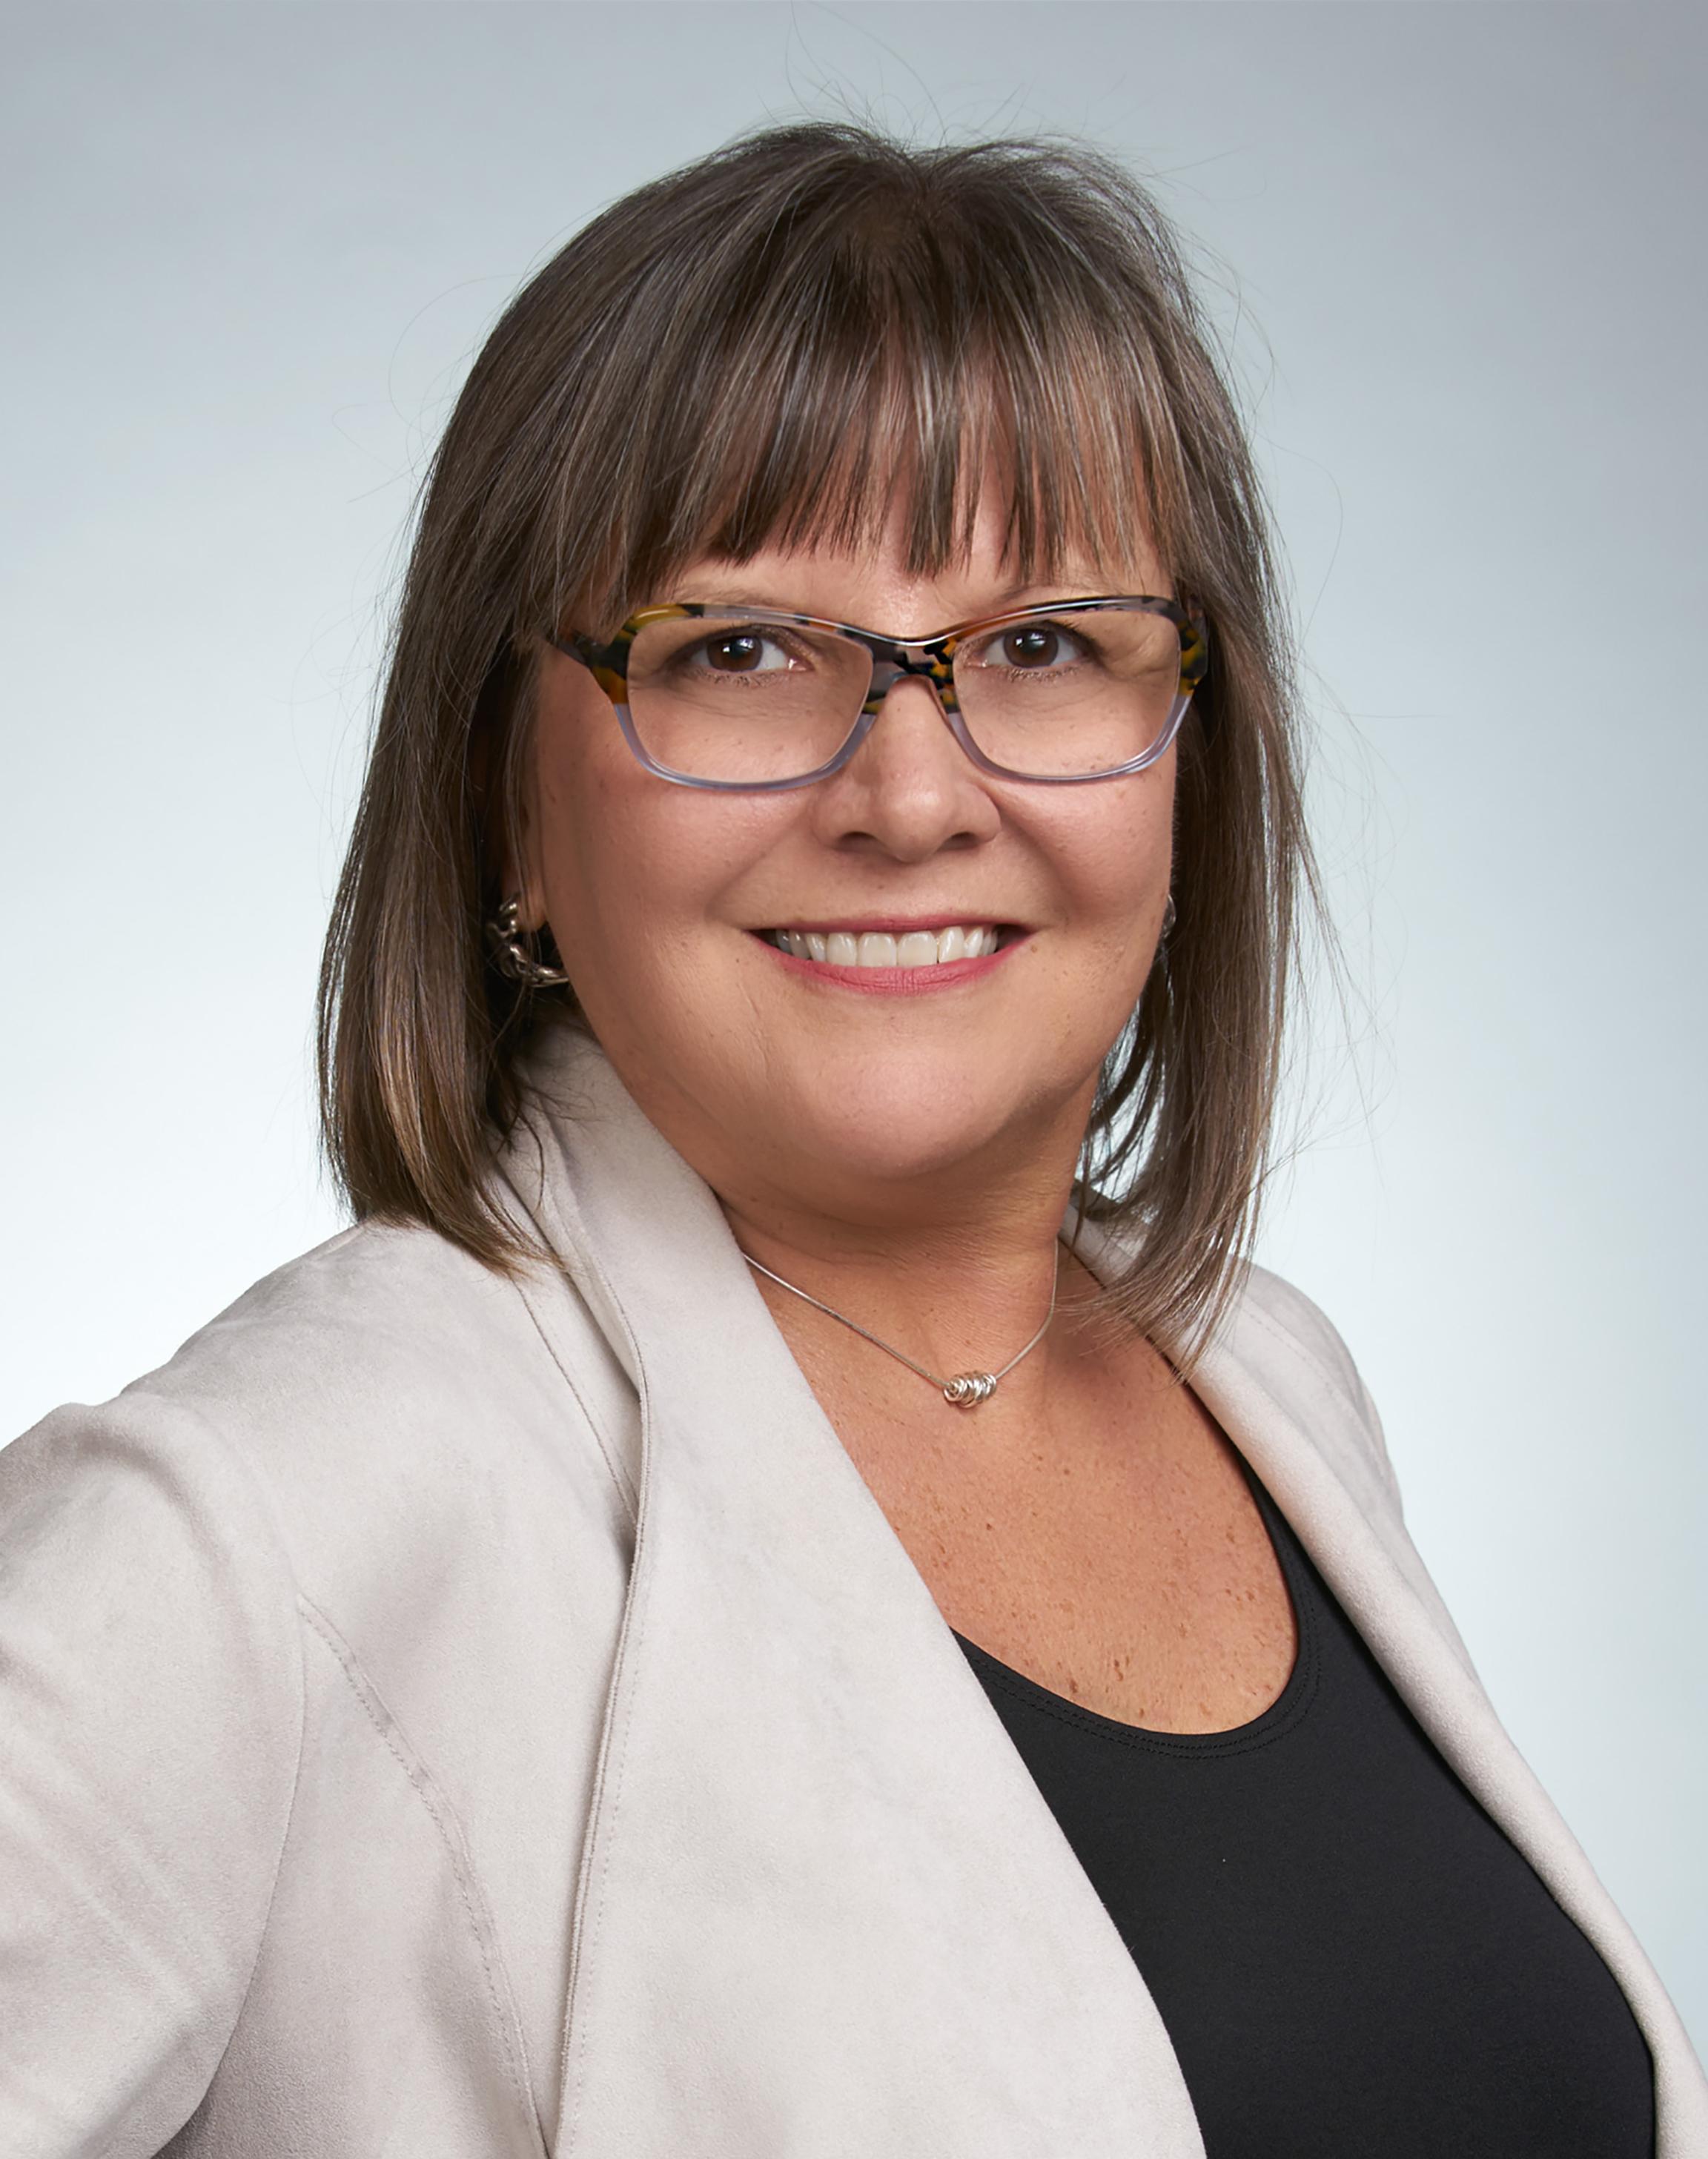 Kathryn Jankowski, Certified Financial Planner, Certified Financial Divorce Specialist, Accredited Family Mediator